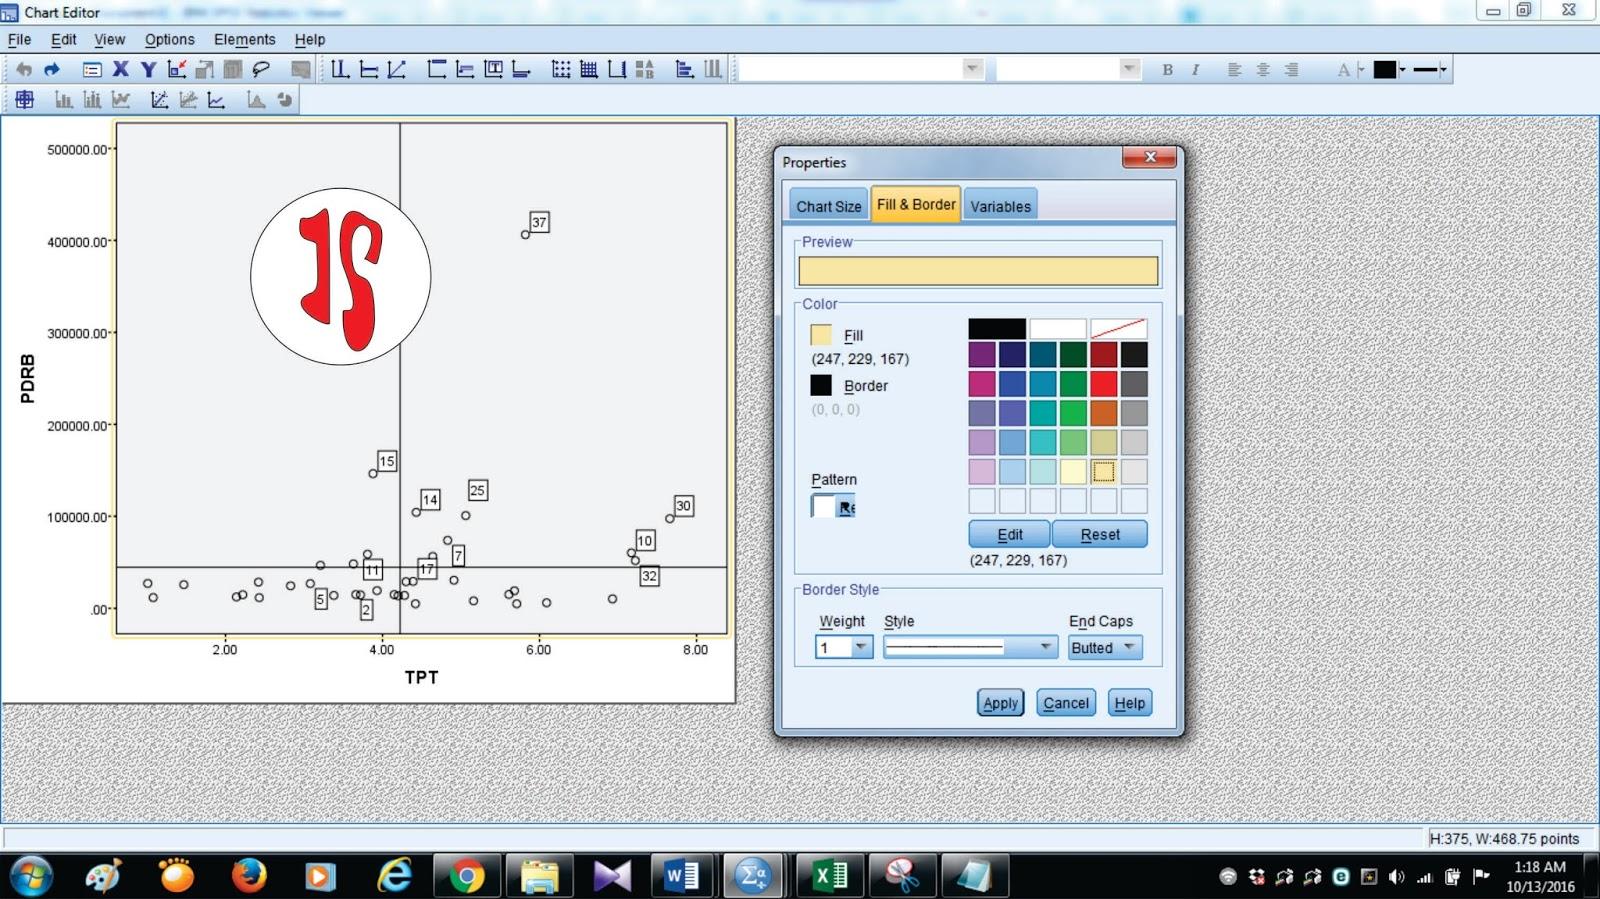 Iimportance performance analysis dengan spss jendela statistika biar lebih sedikit imutdifikasi gambar dengan memberi warna untuk masing masing titik dan background gambar dengan mengklik menu edit lalu pilih ccuart Choice Image